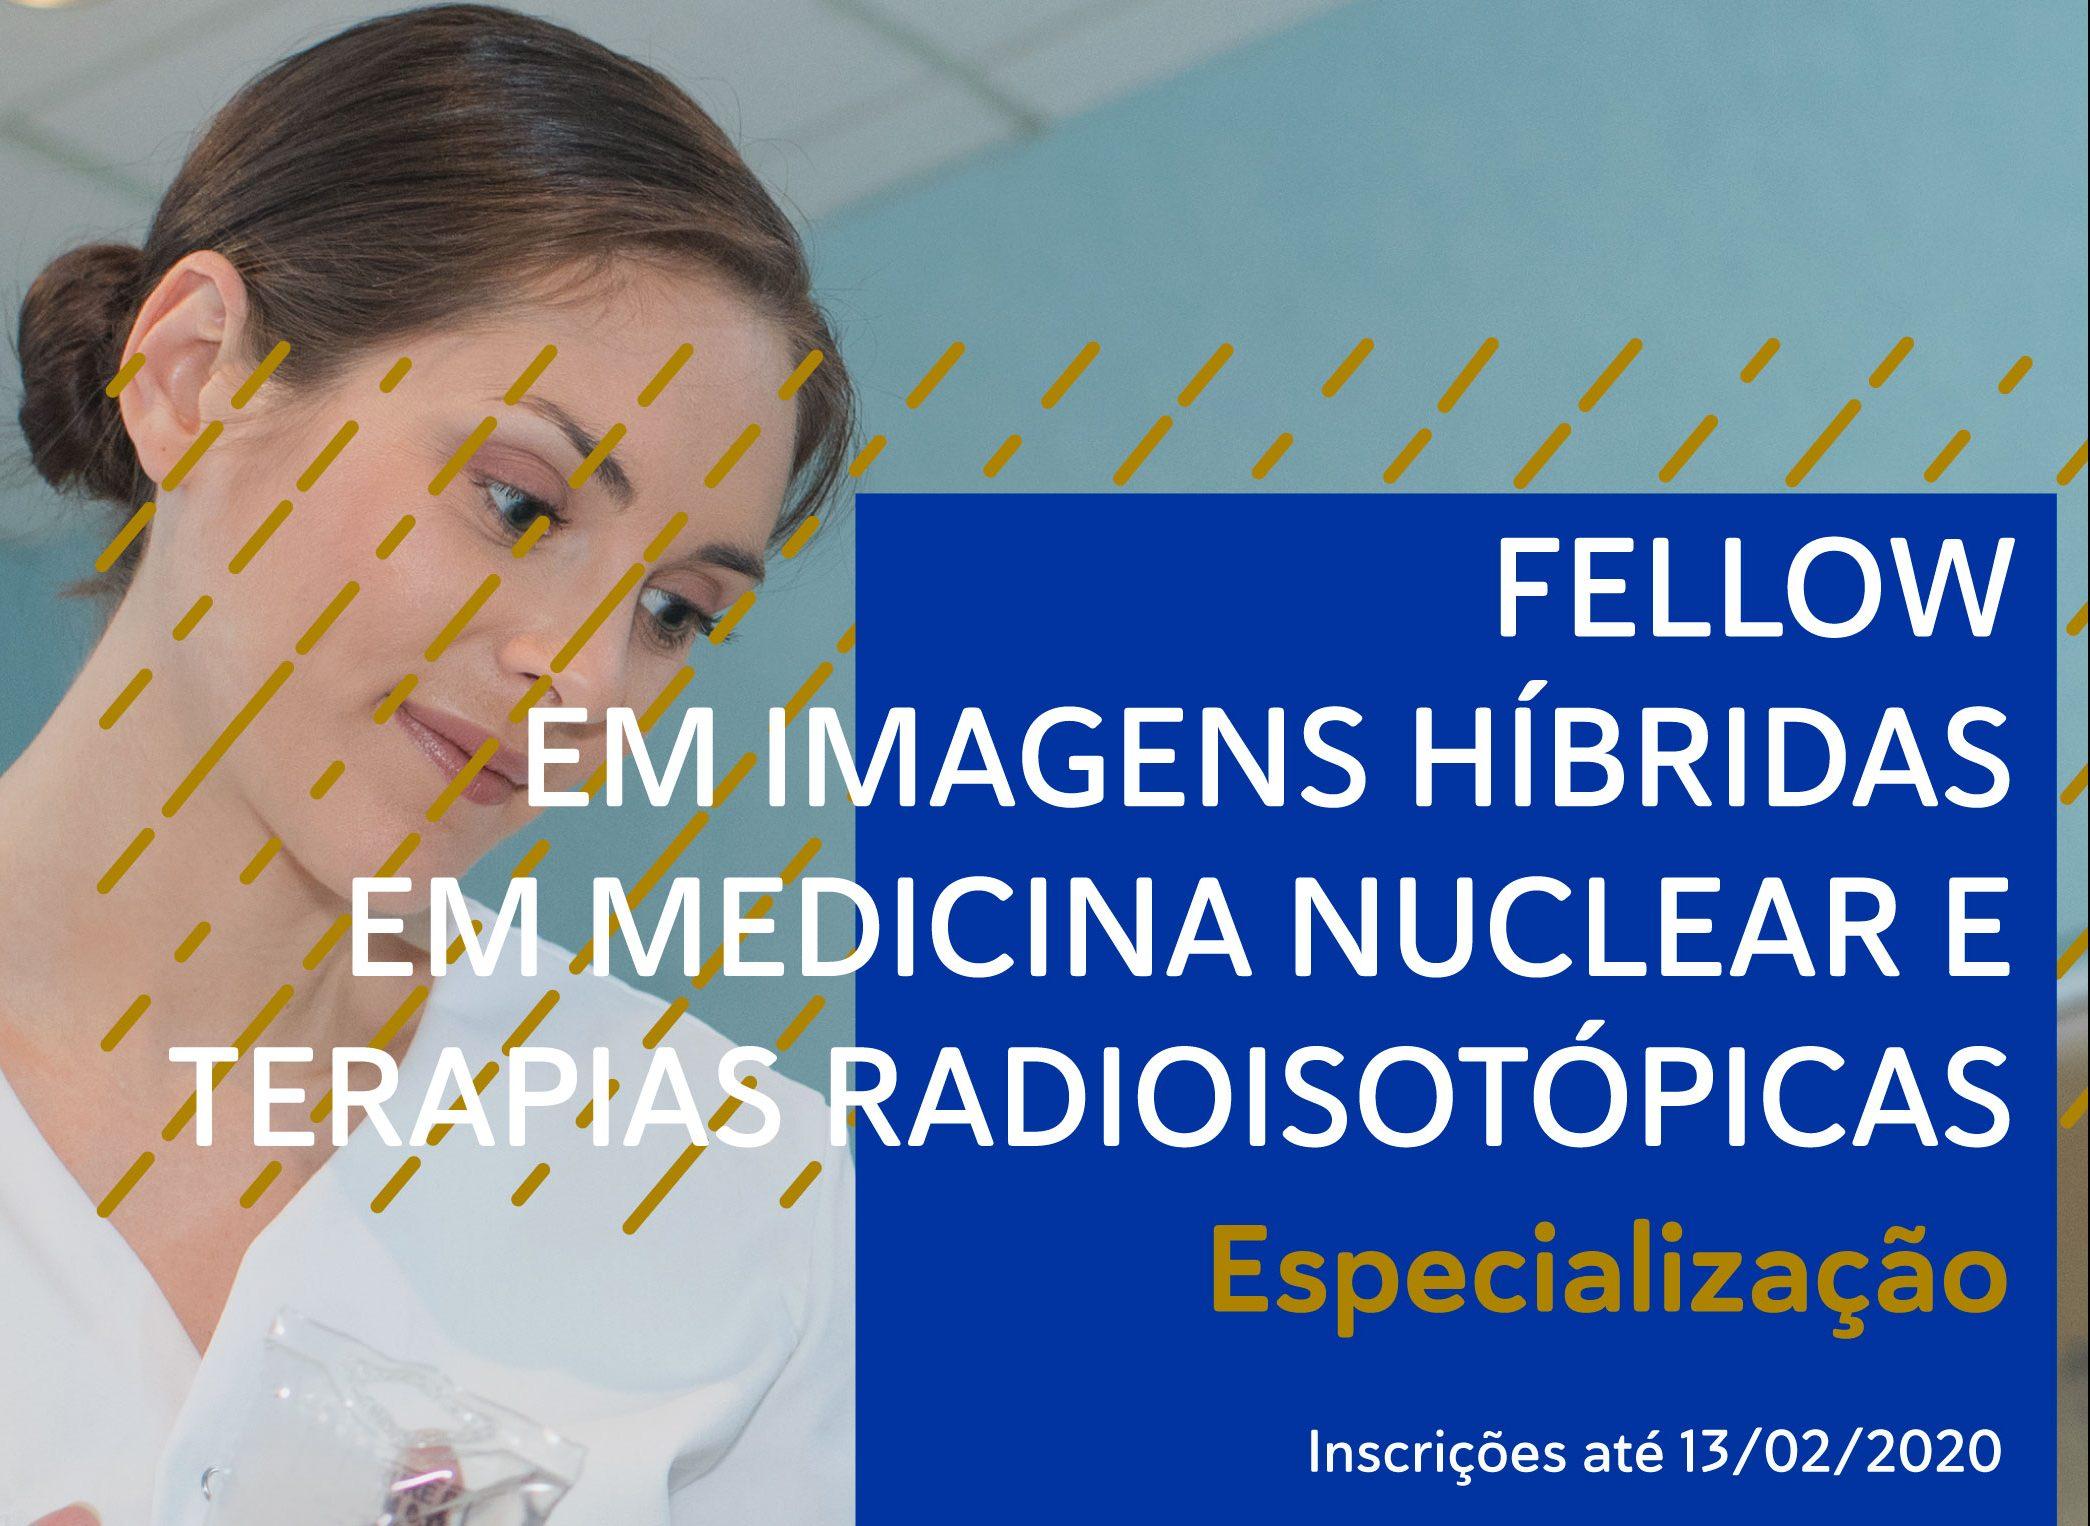 Fellow em Imagens Híbridas em Medicina Nuclear e Terapias Radioisotópicas – Rede D'Or